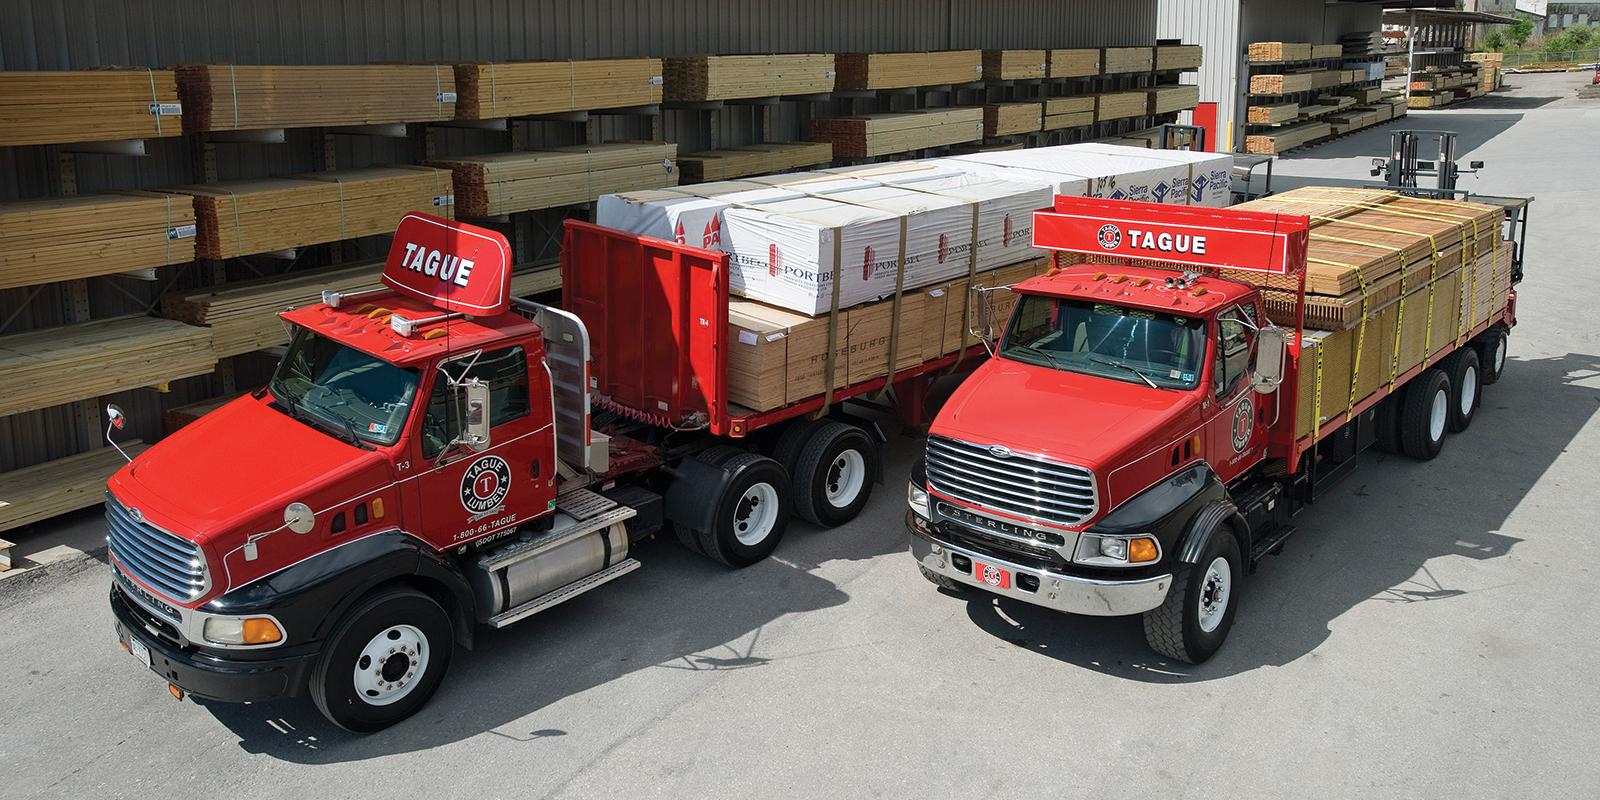 Tague Trucks